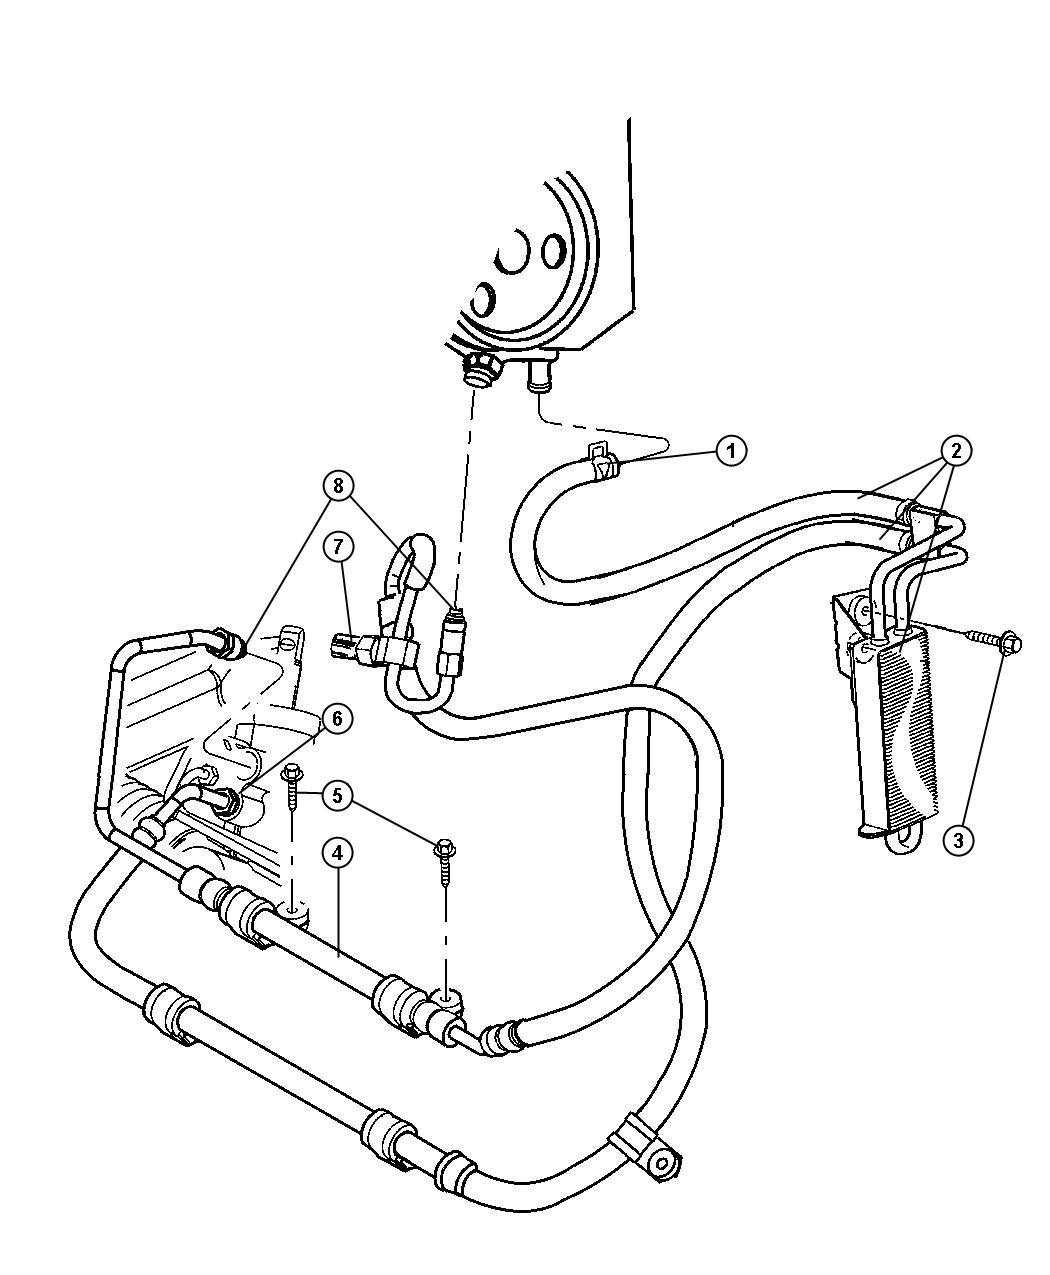 jeep liberty oem parts diagram